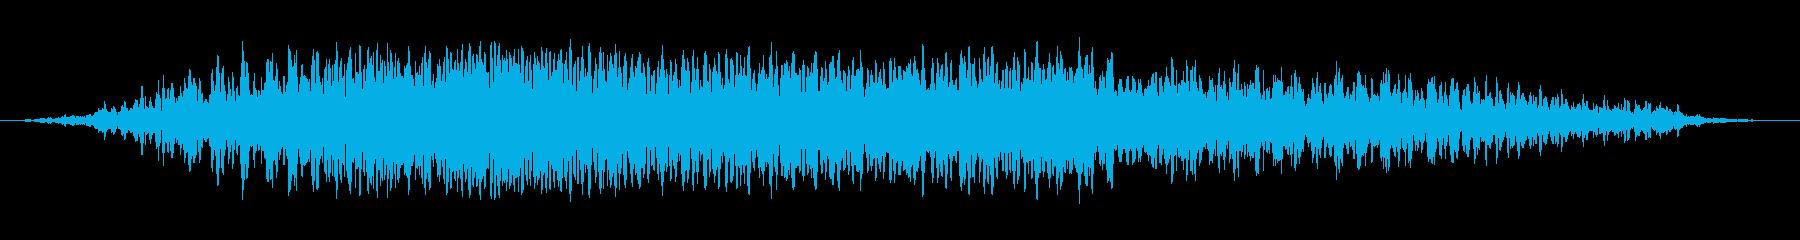 悪魔のうなり声2の再生済みの波形